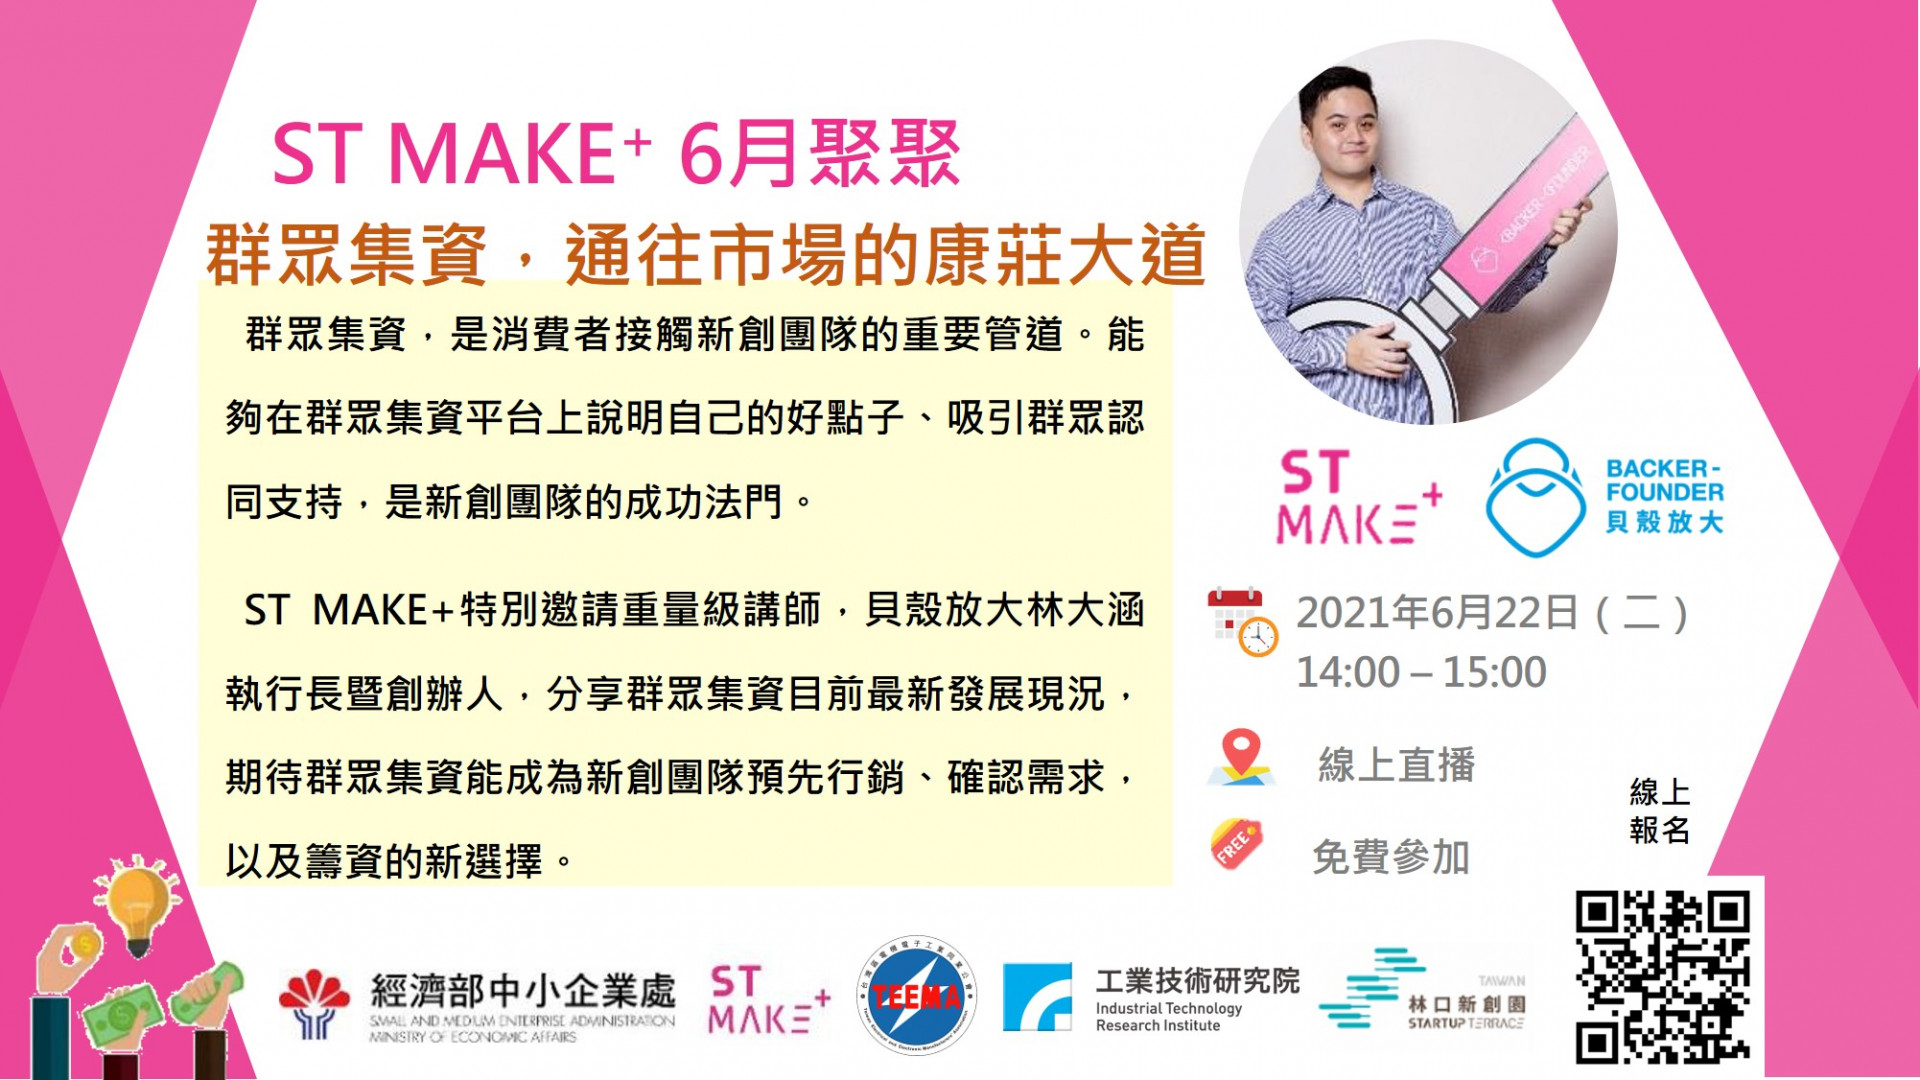 【ST MAKE+ 6月聚聚】群眾集資,通往市場的康莊大道(線上活動)